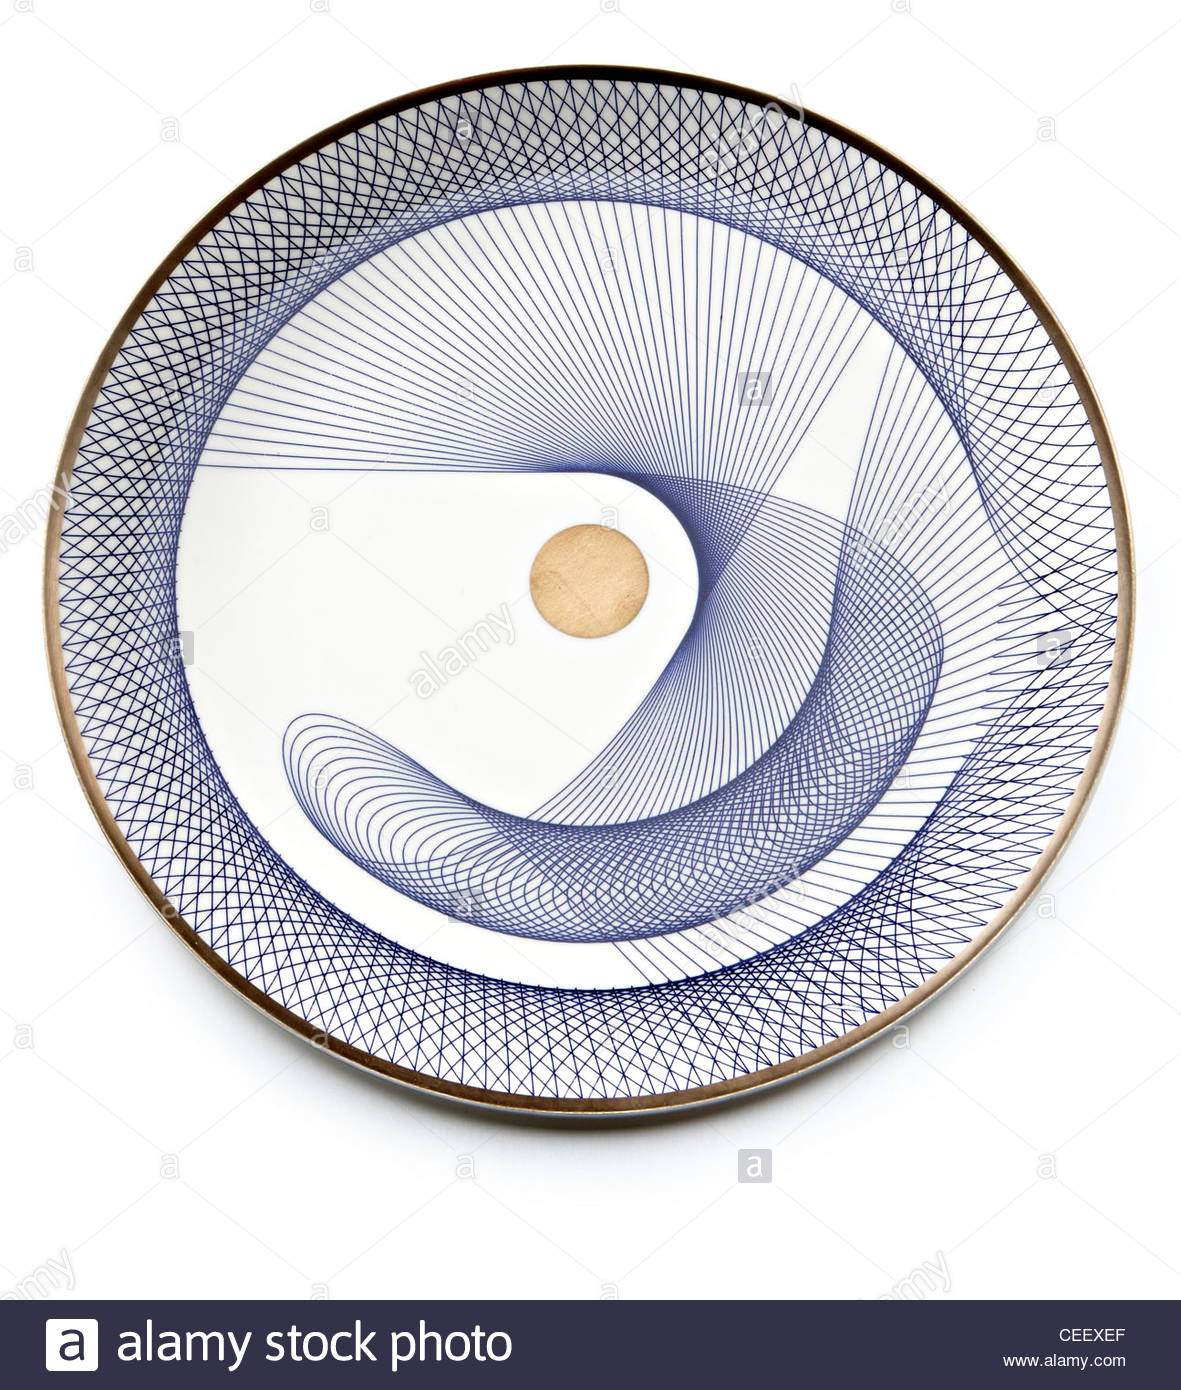 Plaque avec modèle de conception géométrique en spirale Photo Stock